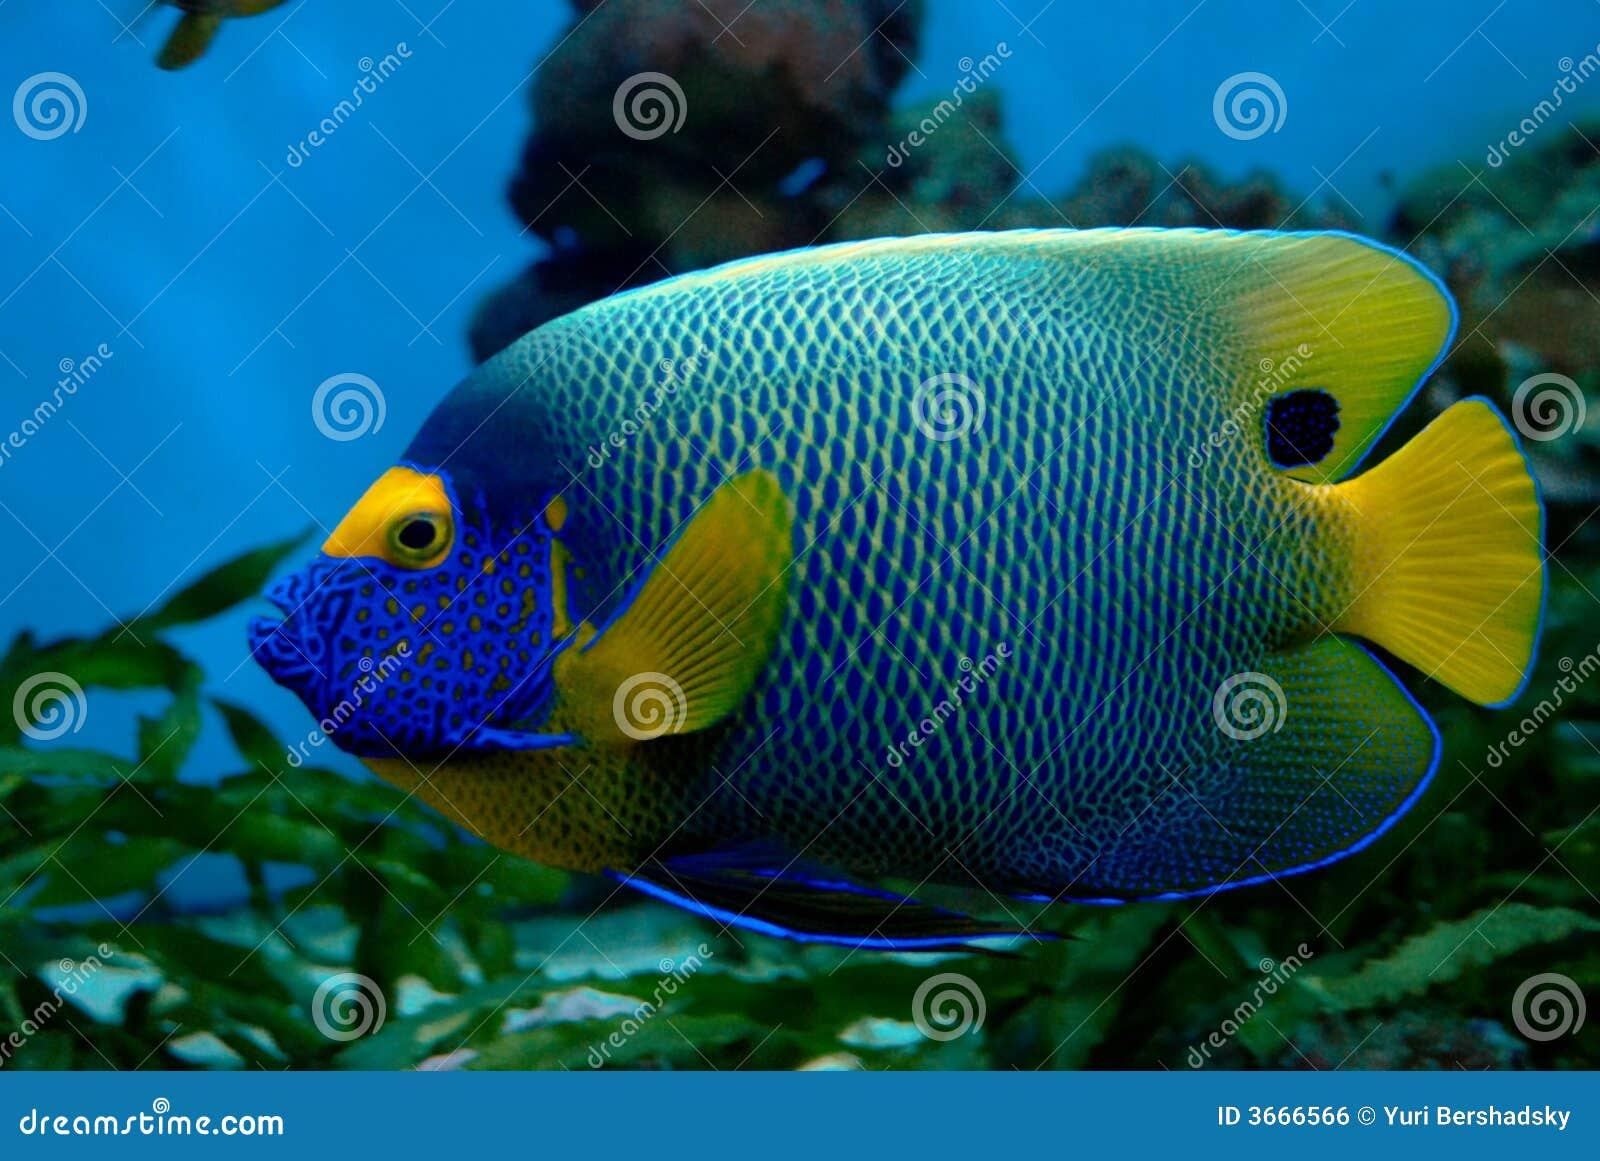 poissons exotiques image libre de droits image 3666566. Black Bedroom Furniture Sets. Home Design Ideas